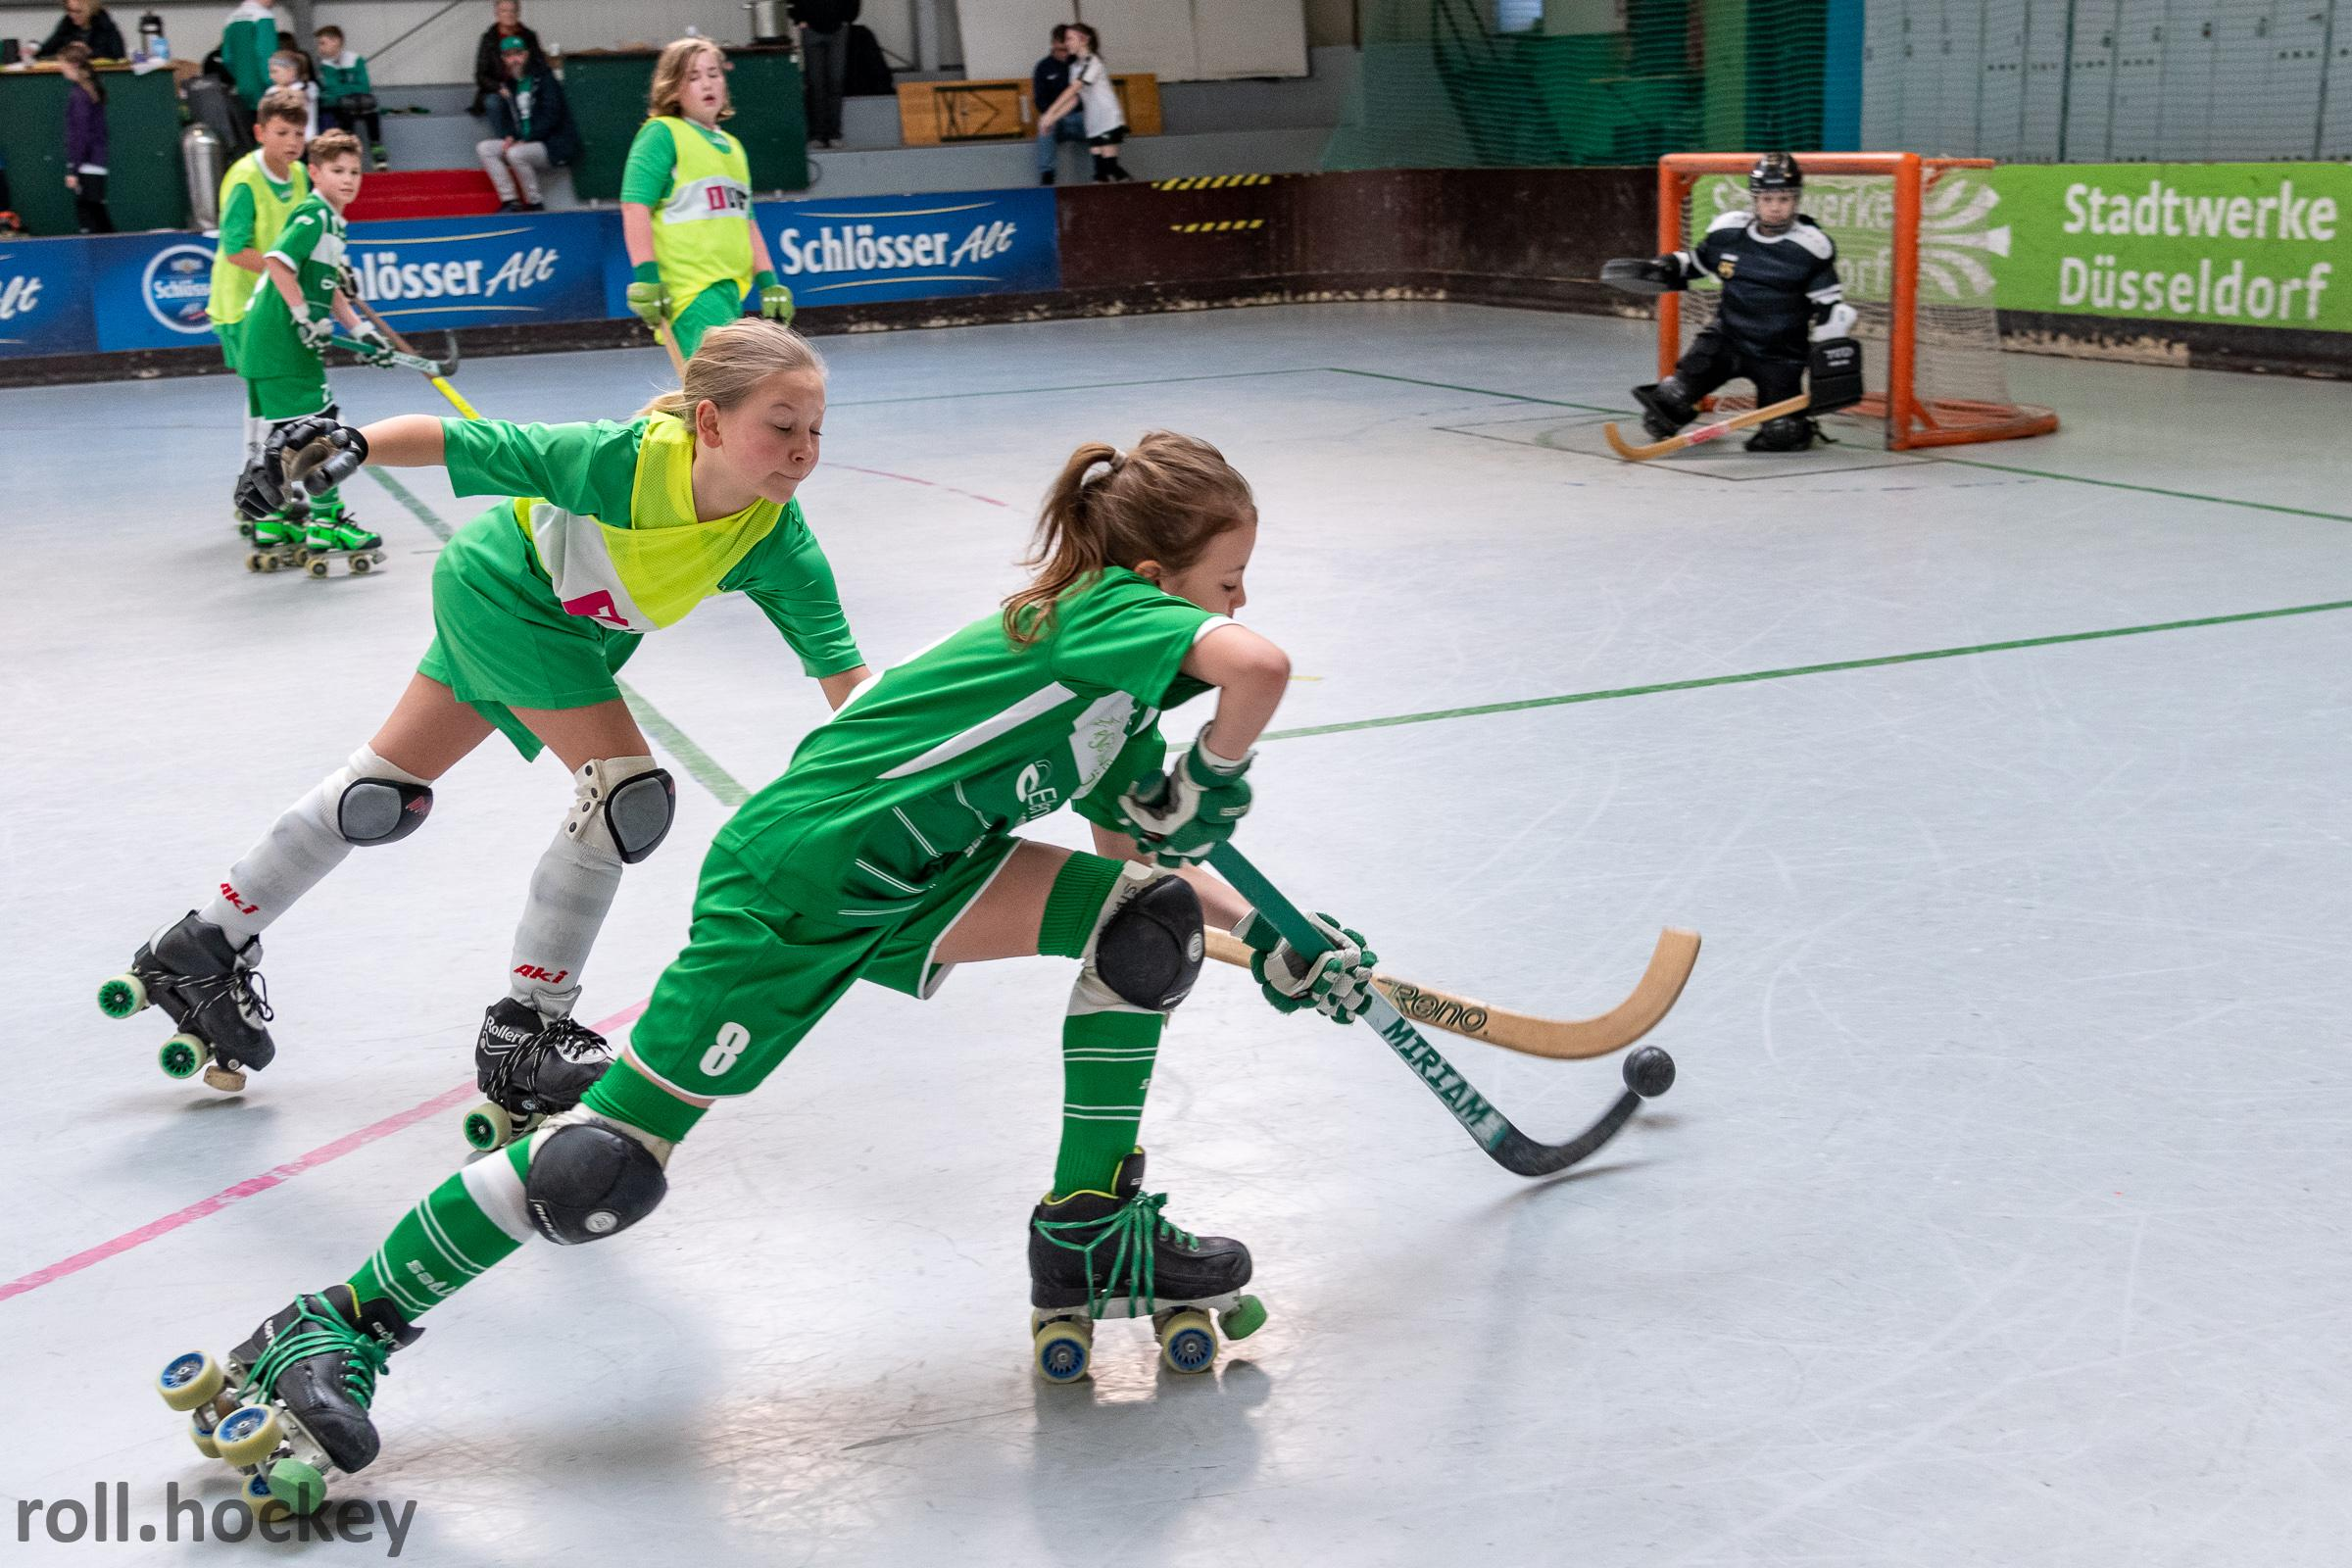 RSC Cronenberg Rollhockey Spieltag U13 17.03.2019